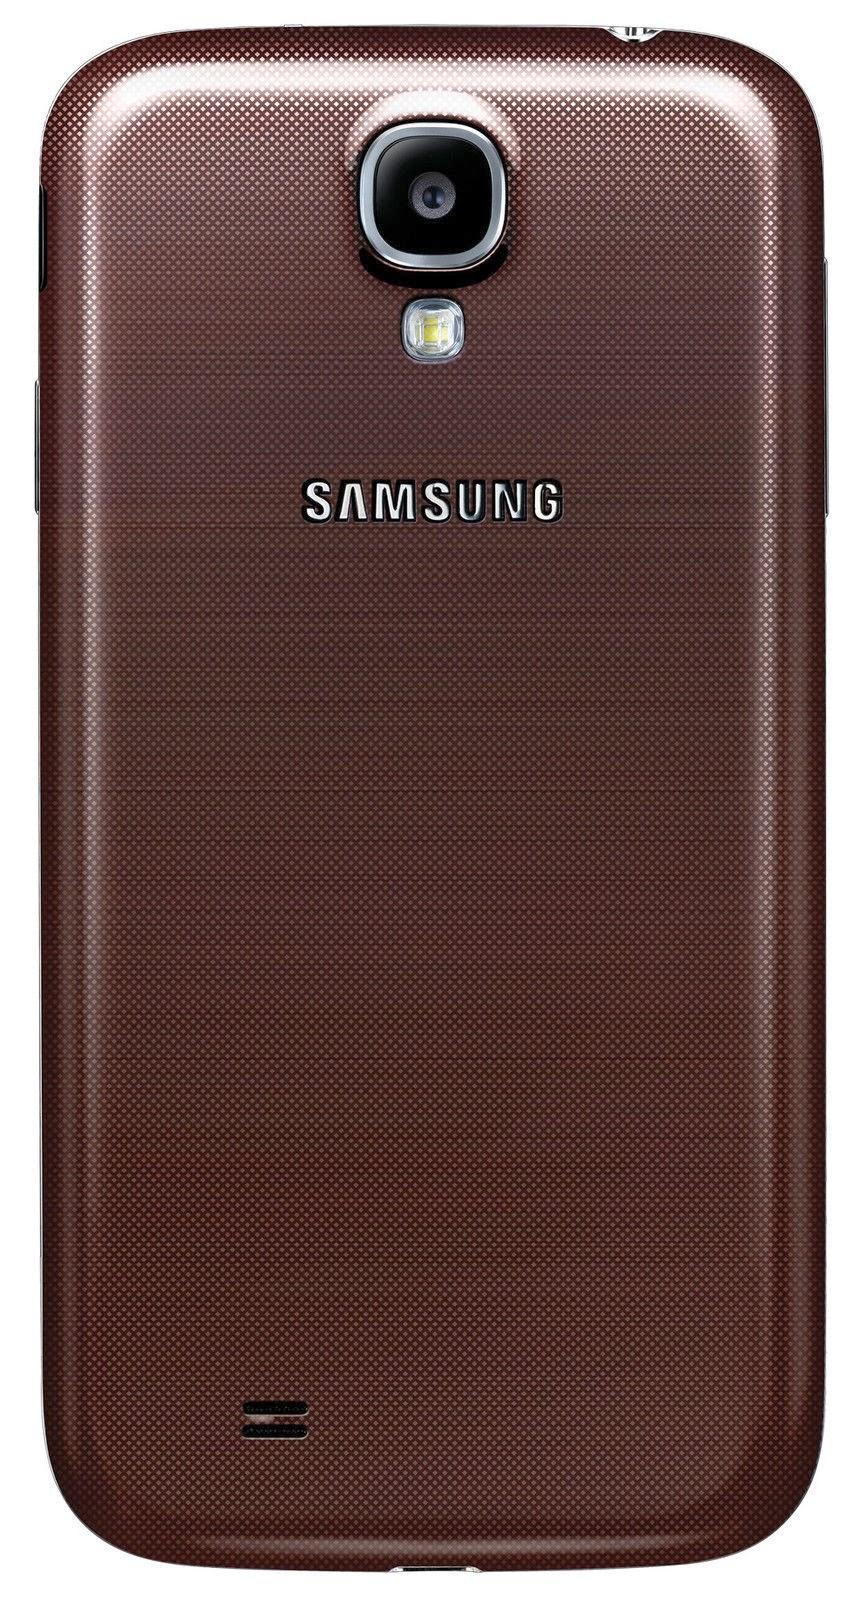 riyadh sale gadget new samsung galaxy s4 s iv gt i9505